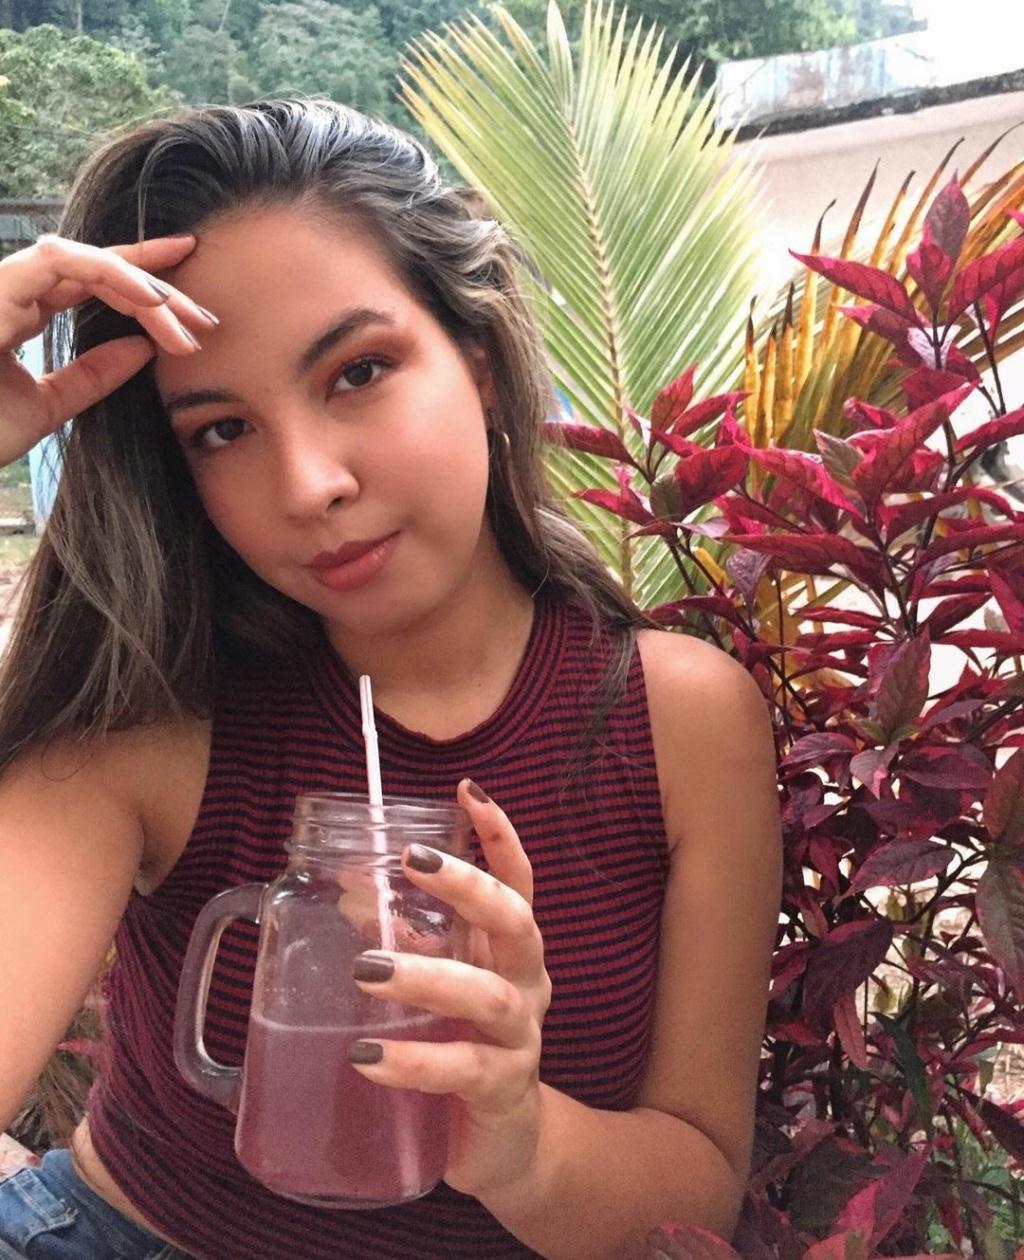 DEBATE sobre belleza, guapura y hermosura (fotos de chicas latinas, mestizas, y de todo) - VOL II - Página 5 Img_1152